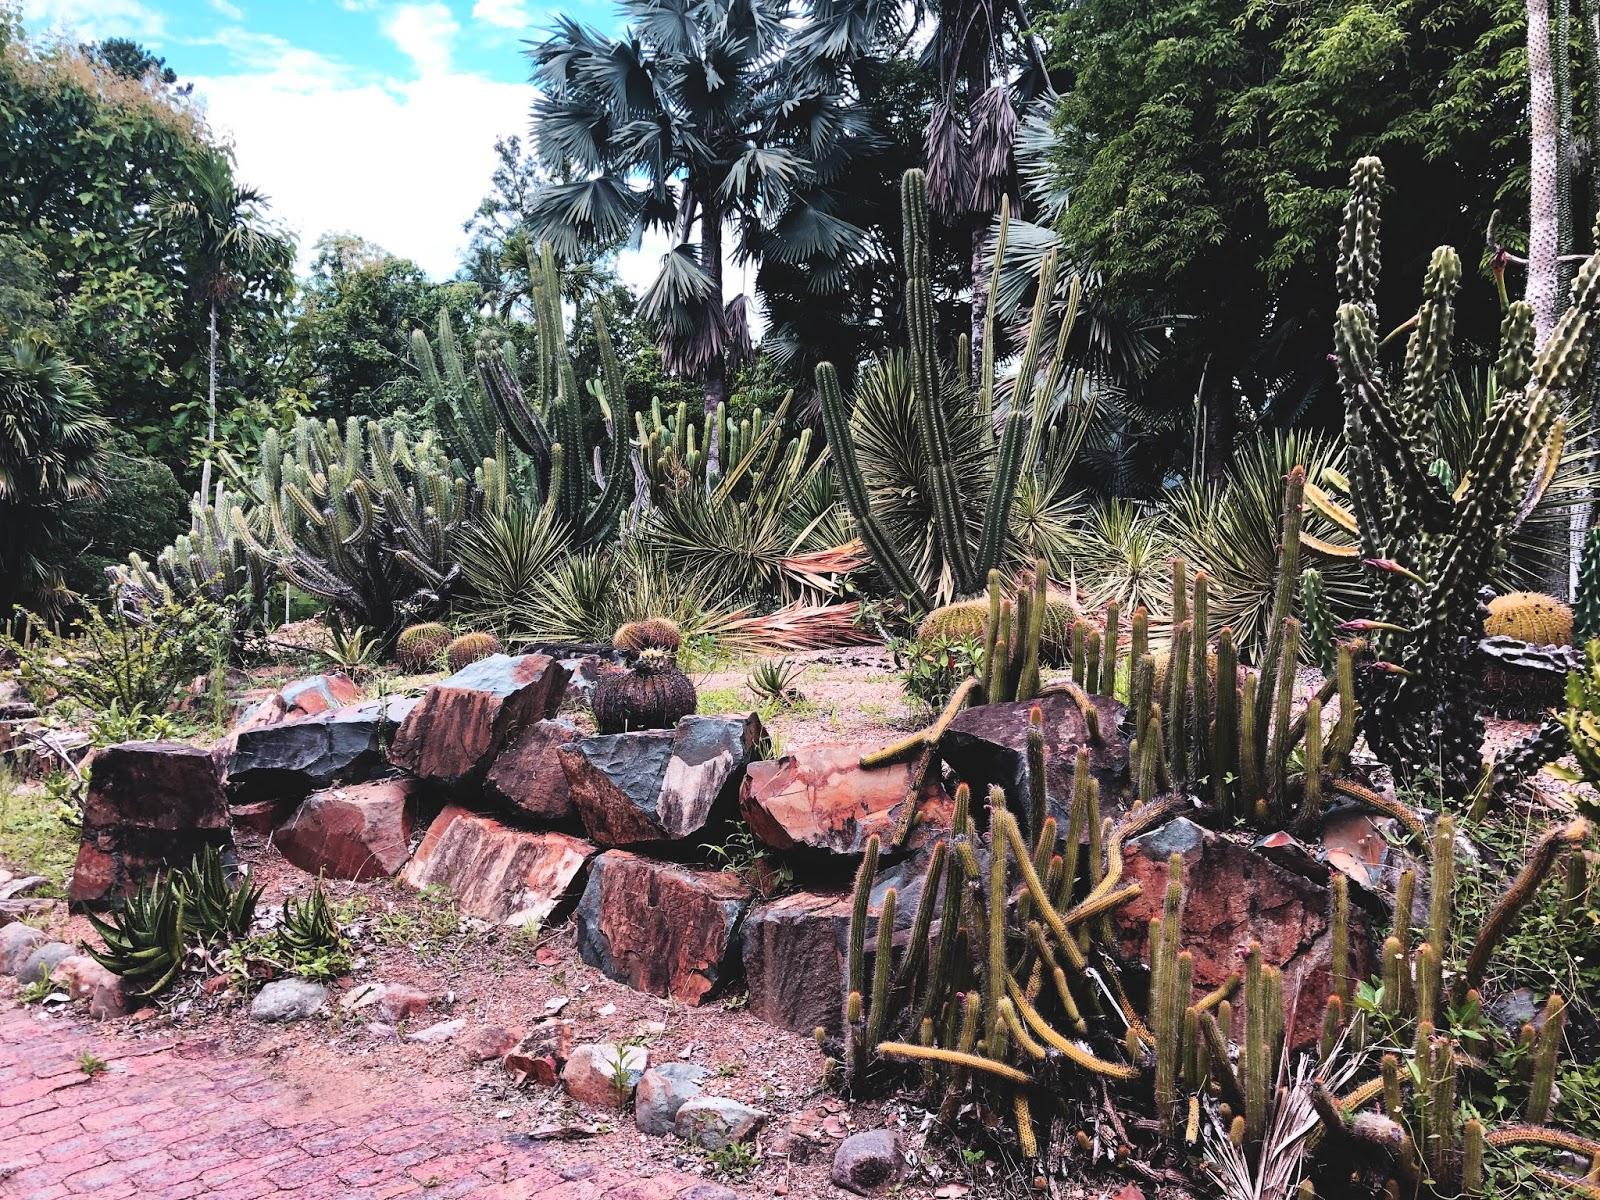 Cactuses at Rockhamton Botanic Gardens